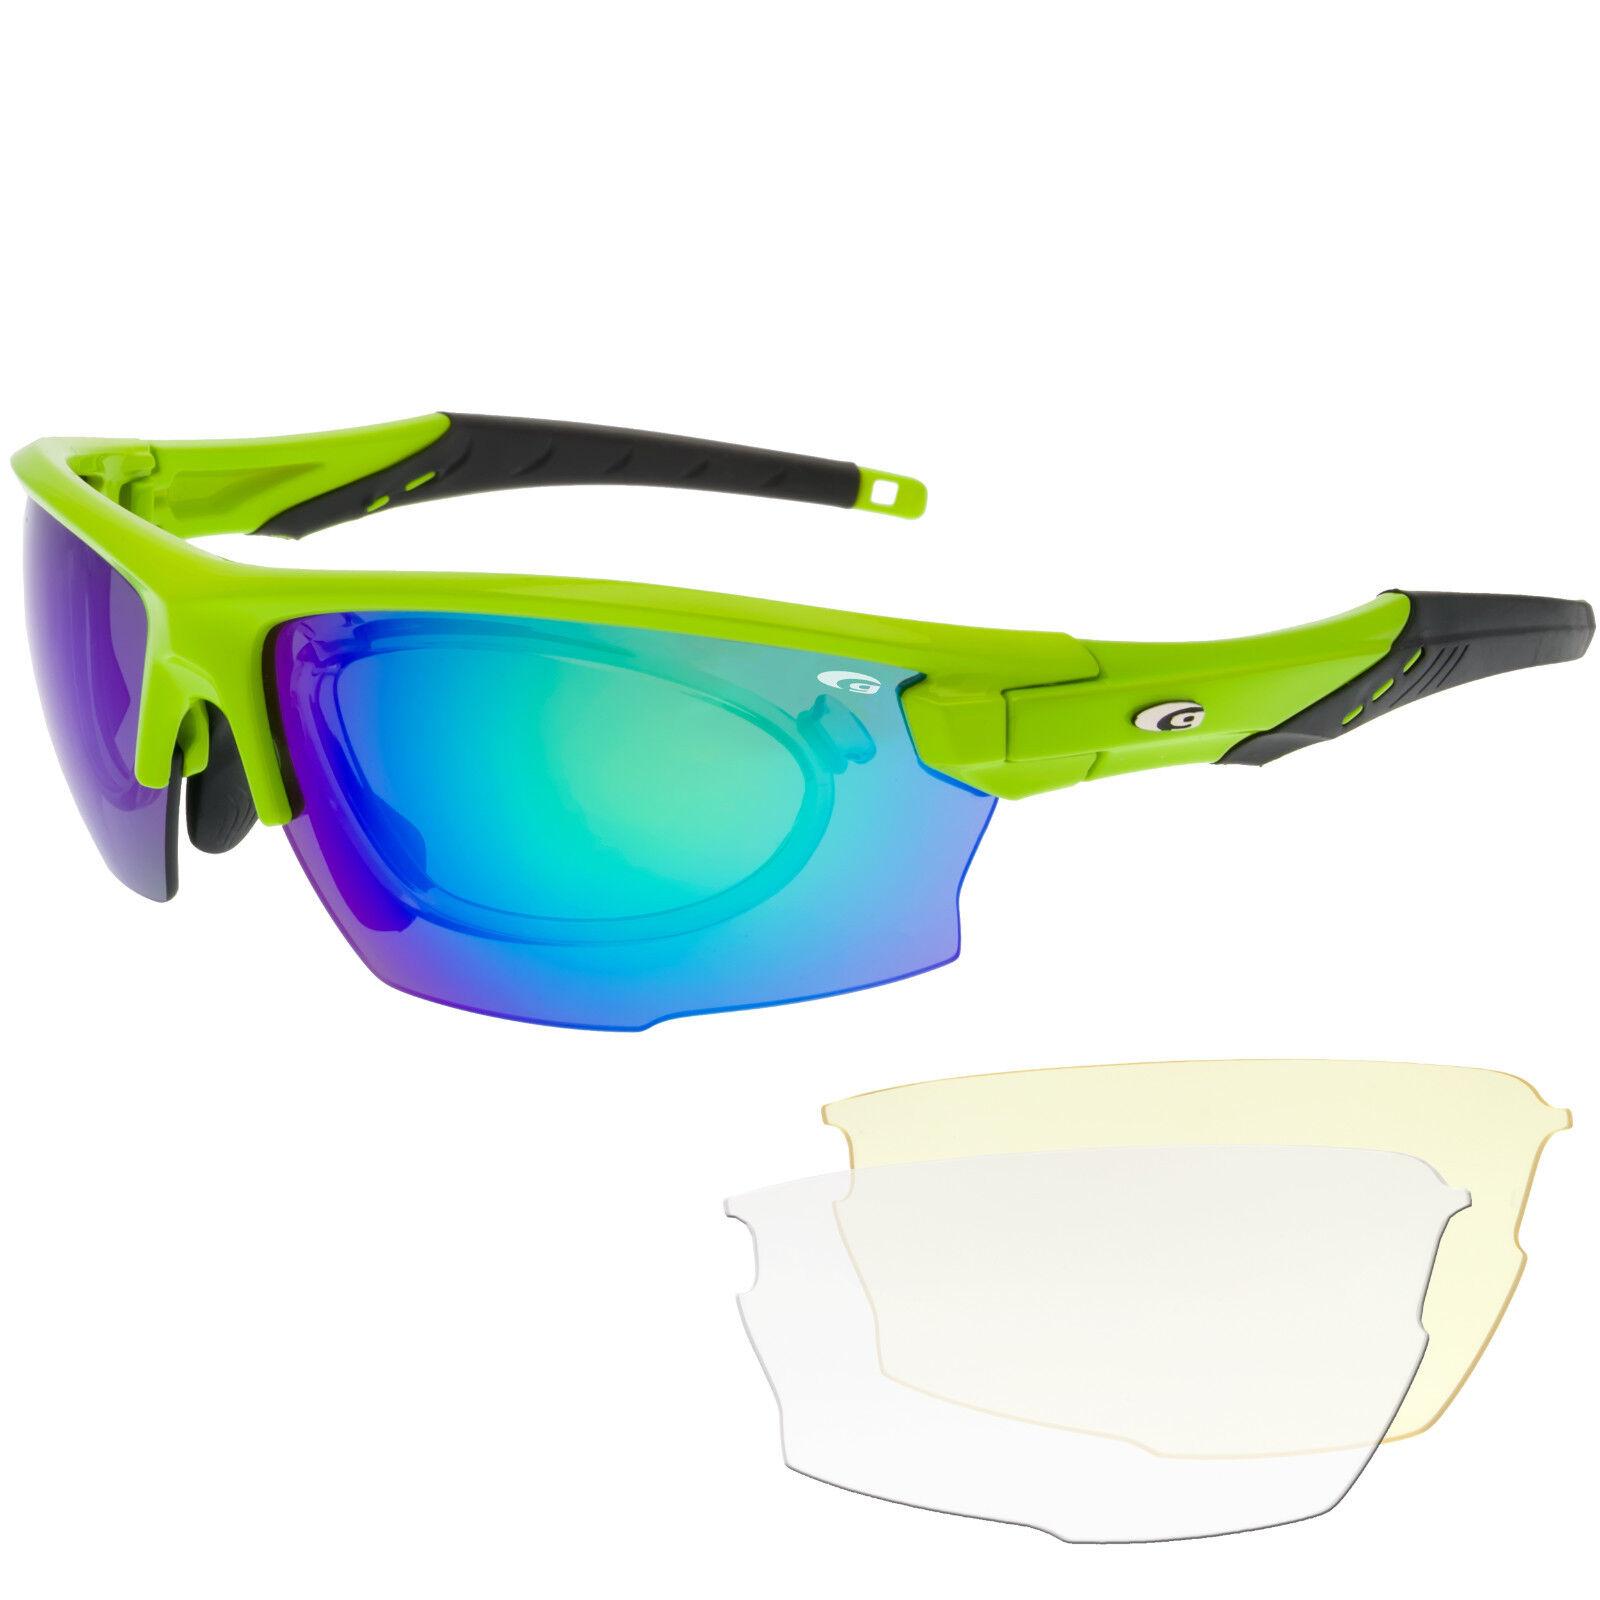 Radbrille Sportbrille für Brillenträger   verglasbarer rx rx rx optischer Einsatz 95c684